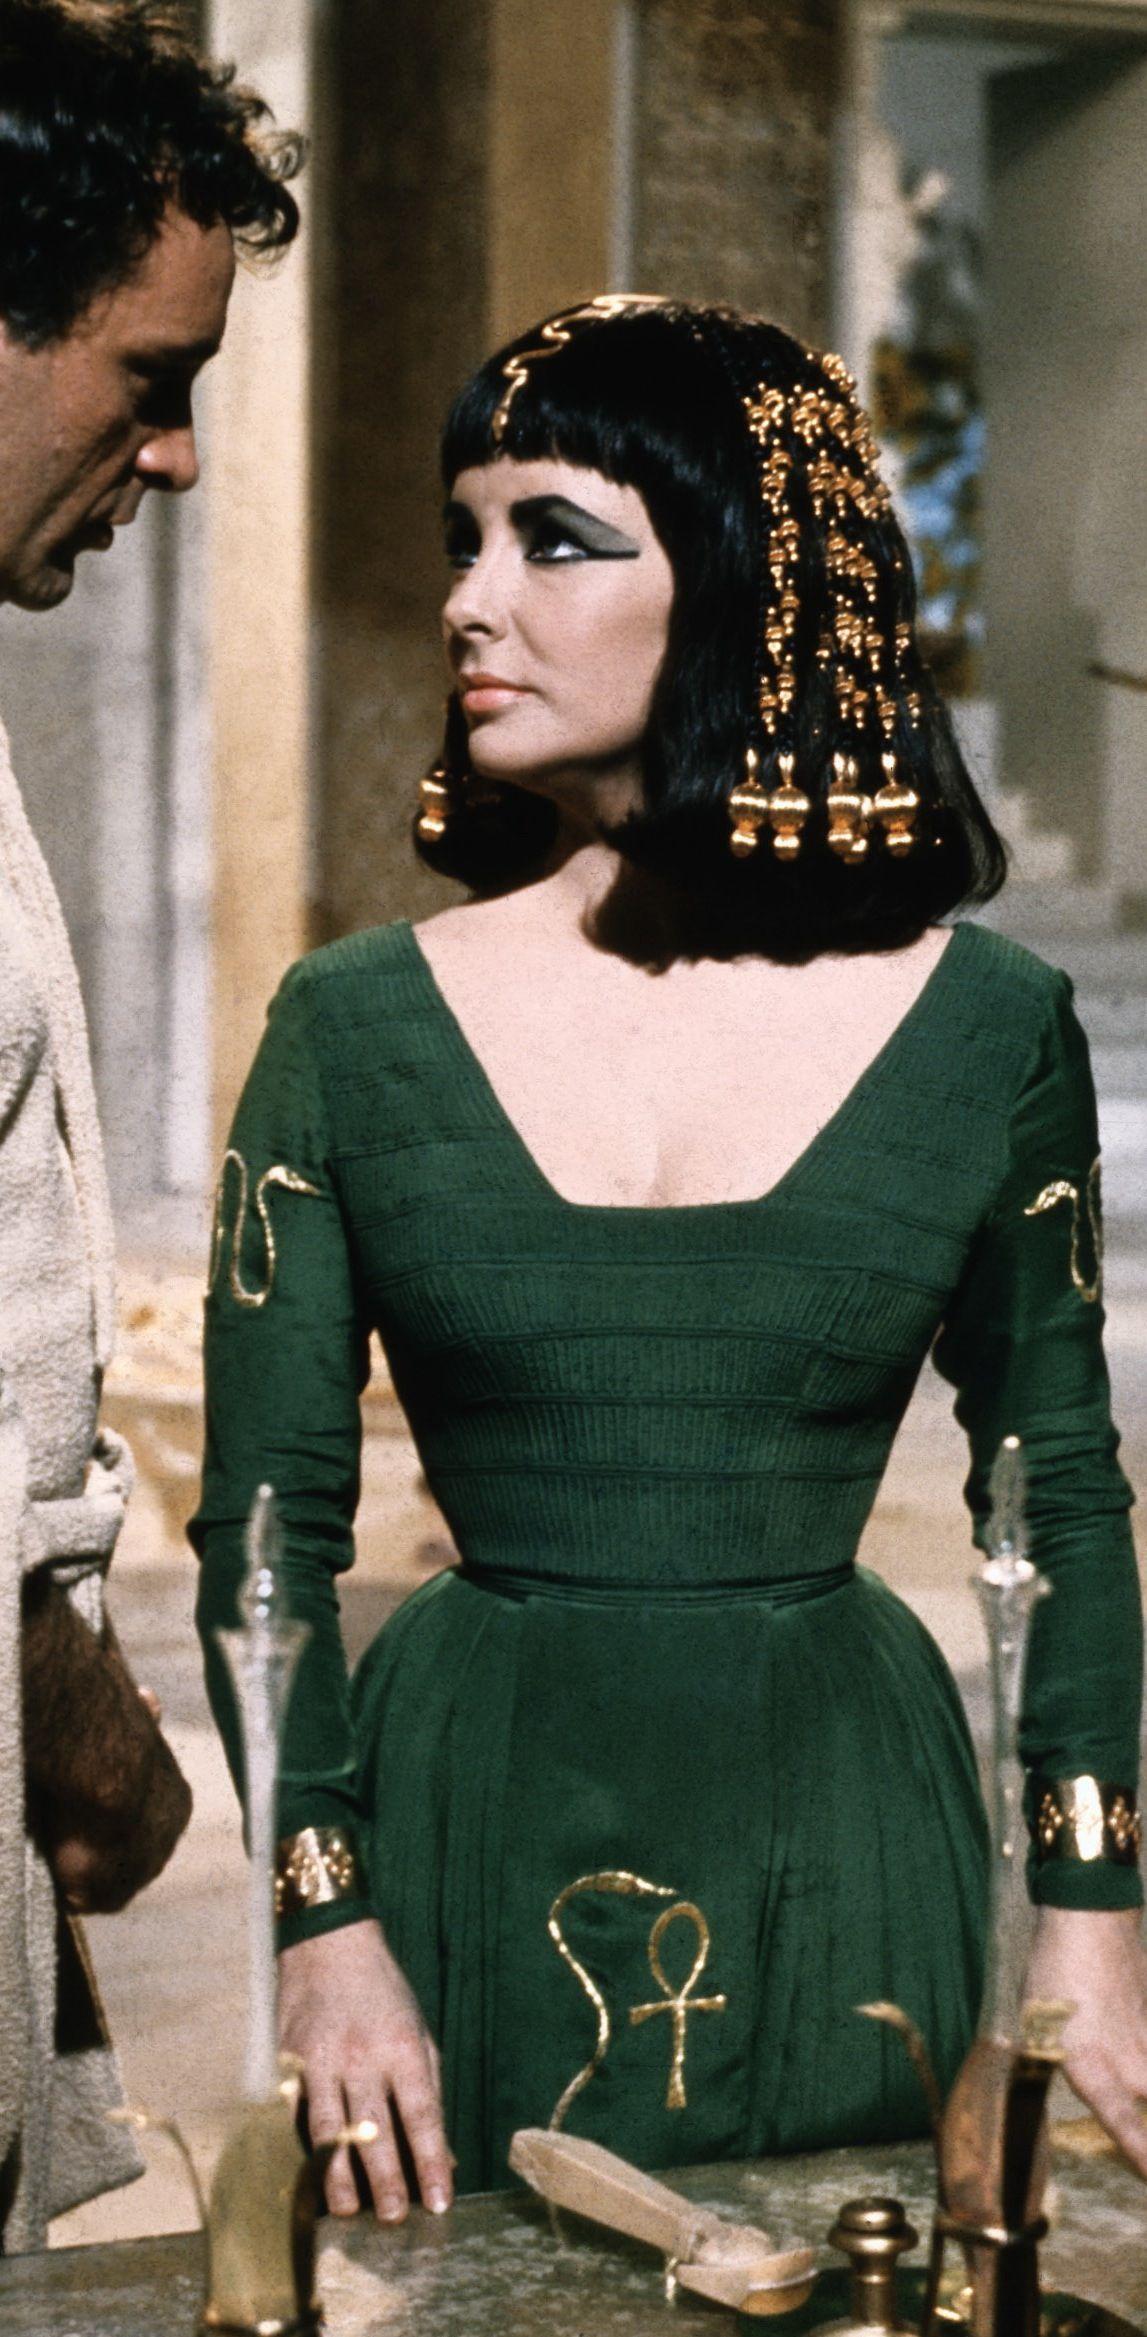 cleopatra' (1963). elizabeth taylor in green. costume designer